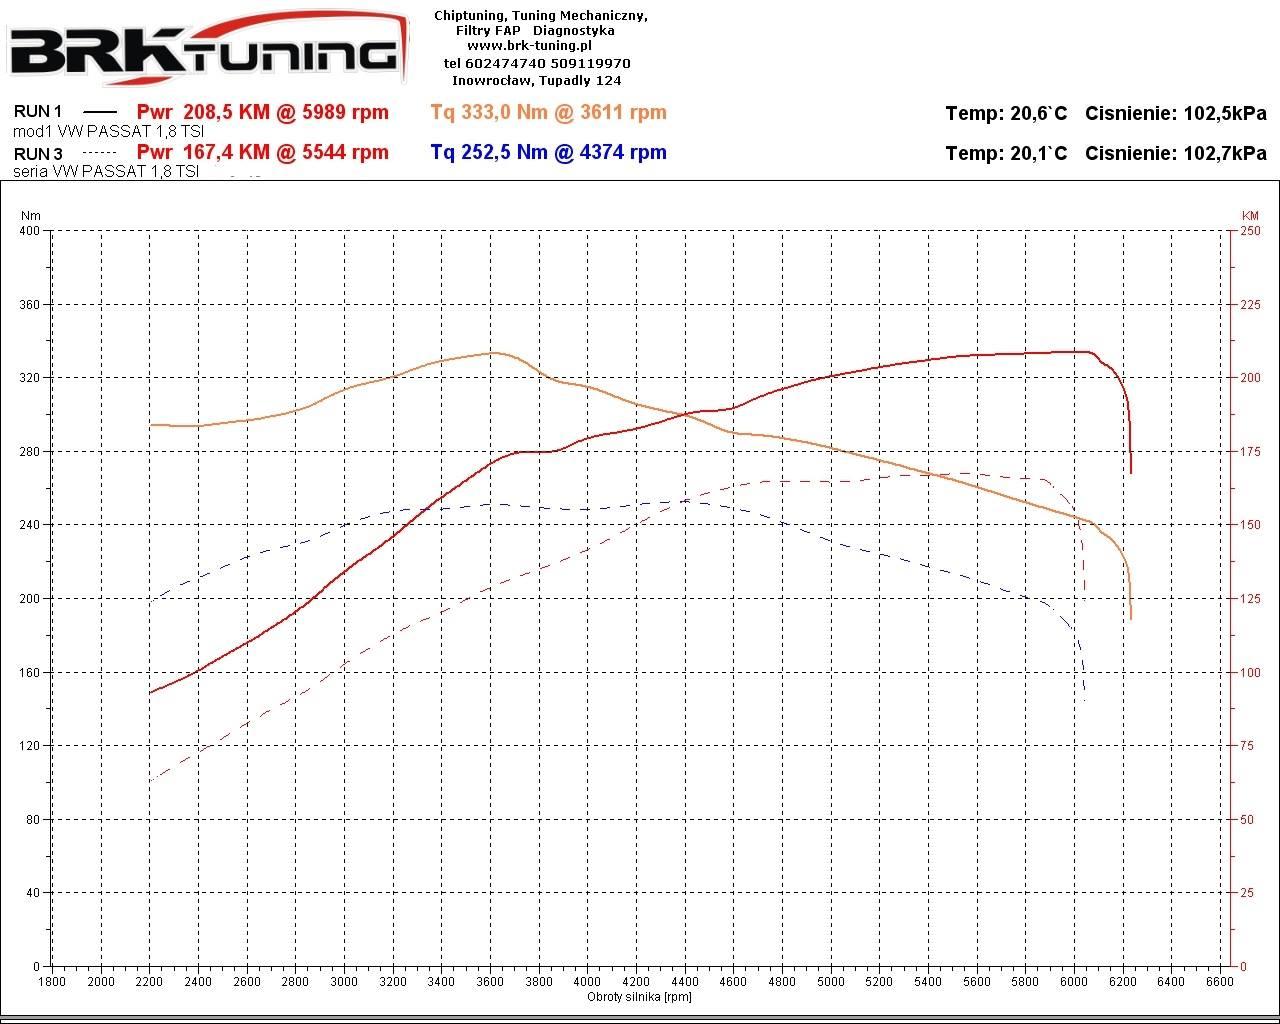 BRK tuning - dokładny wykres obrazuje zwiększoną moc i powiększony moment